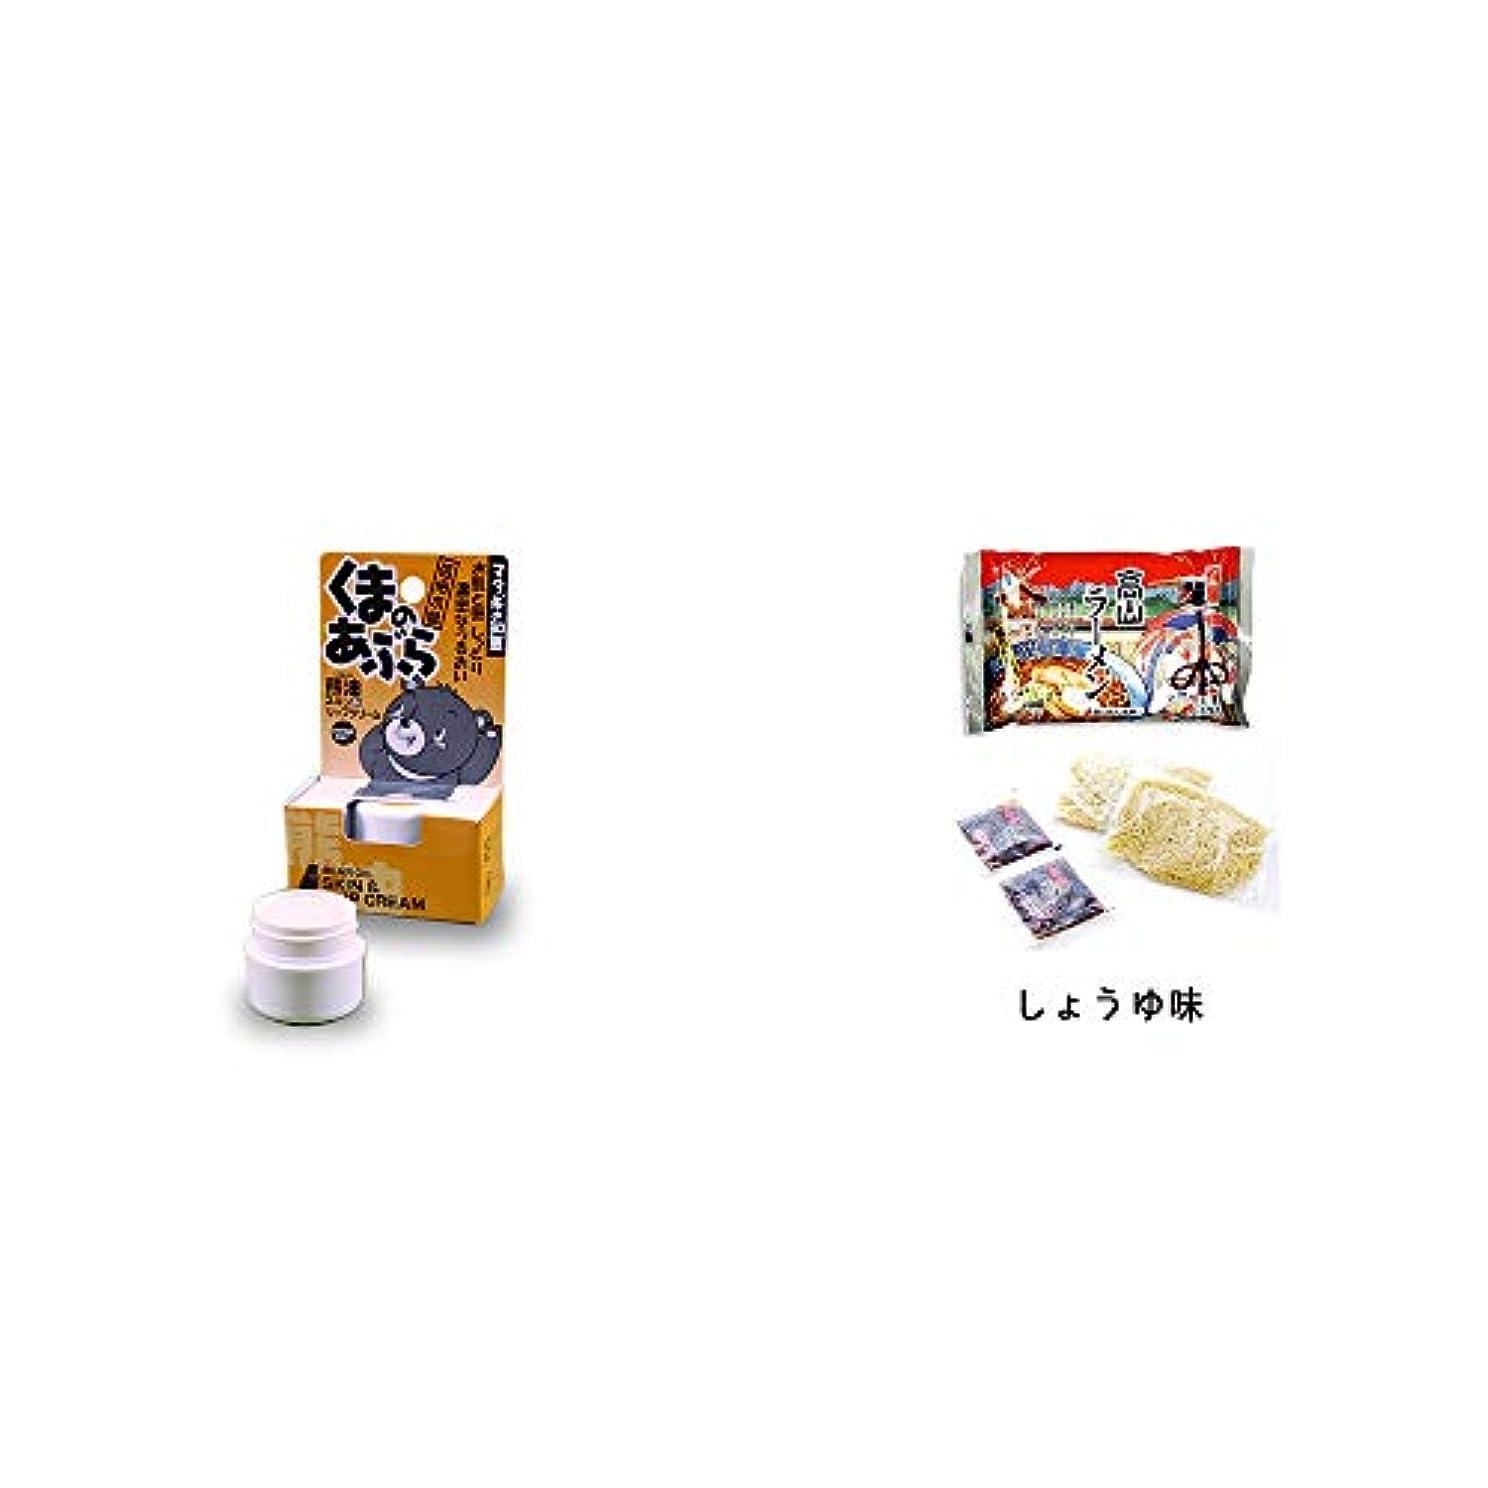 若さ封建テスピアン[2点セット] 信州木曽 くまのあぶら 熊油スキン&リップクリーム(9g)?飛騨高山ラーメン[生麺?スープ付 (しょうゆ味)]